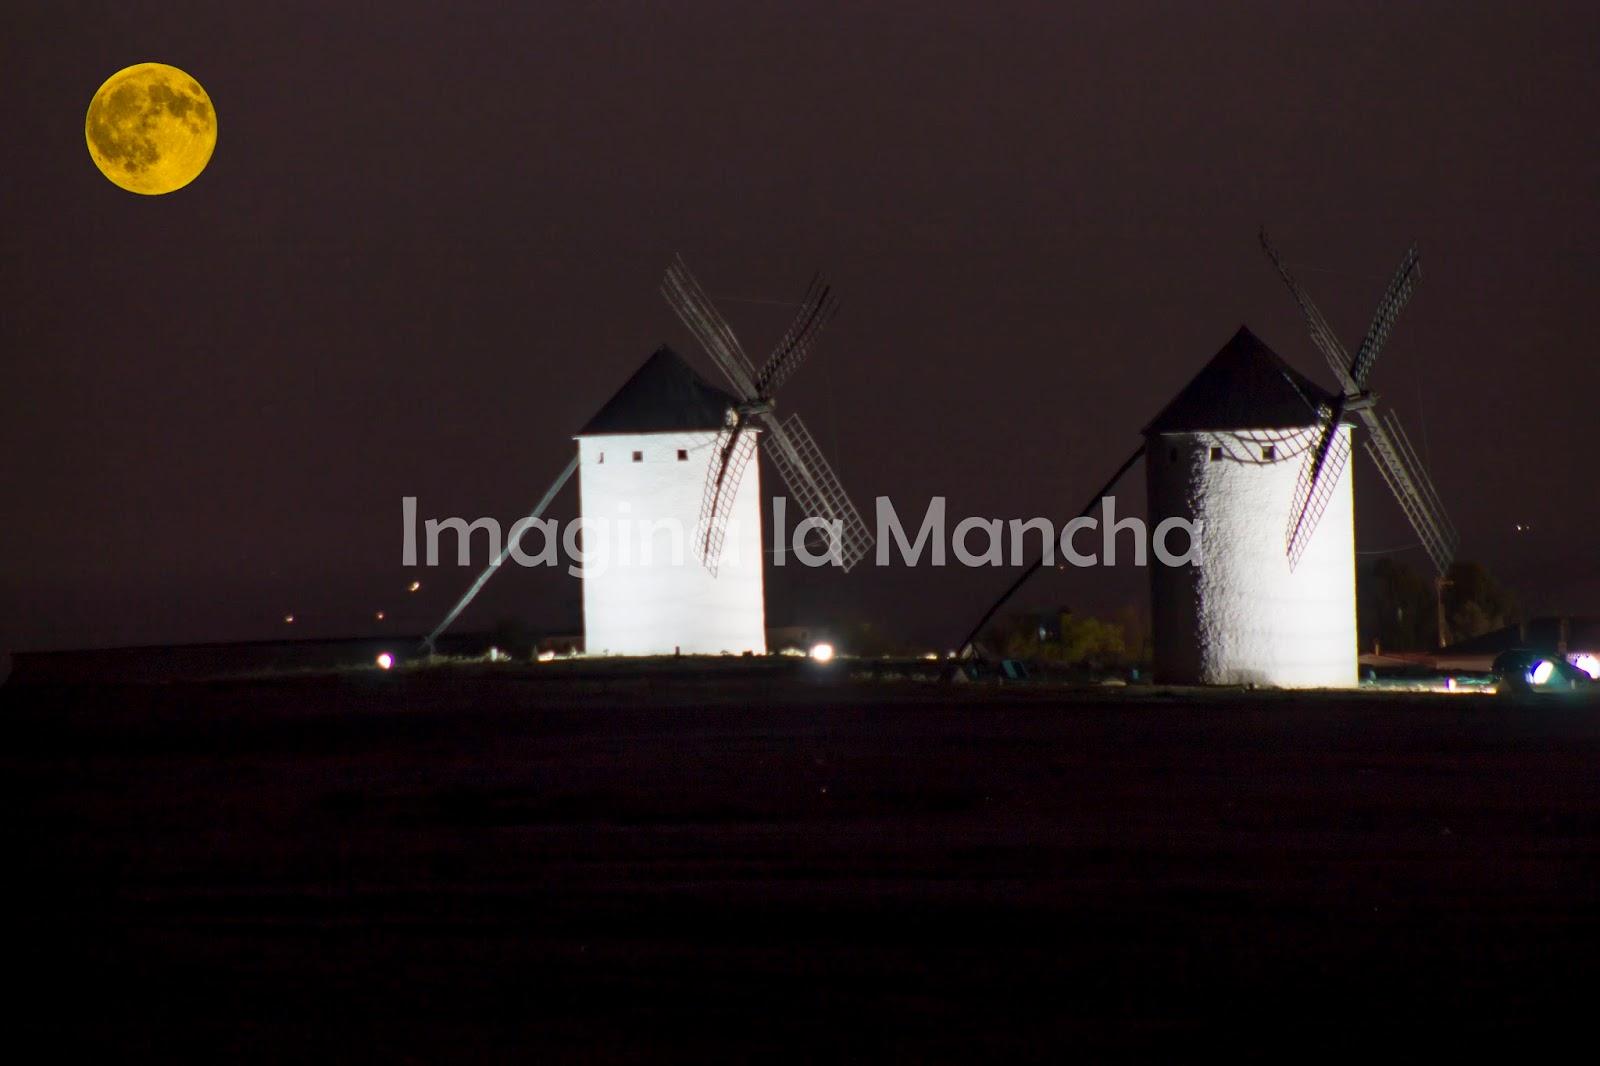 Imagina La Mancha: Noche de Eclipse Lunar en los Molinos